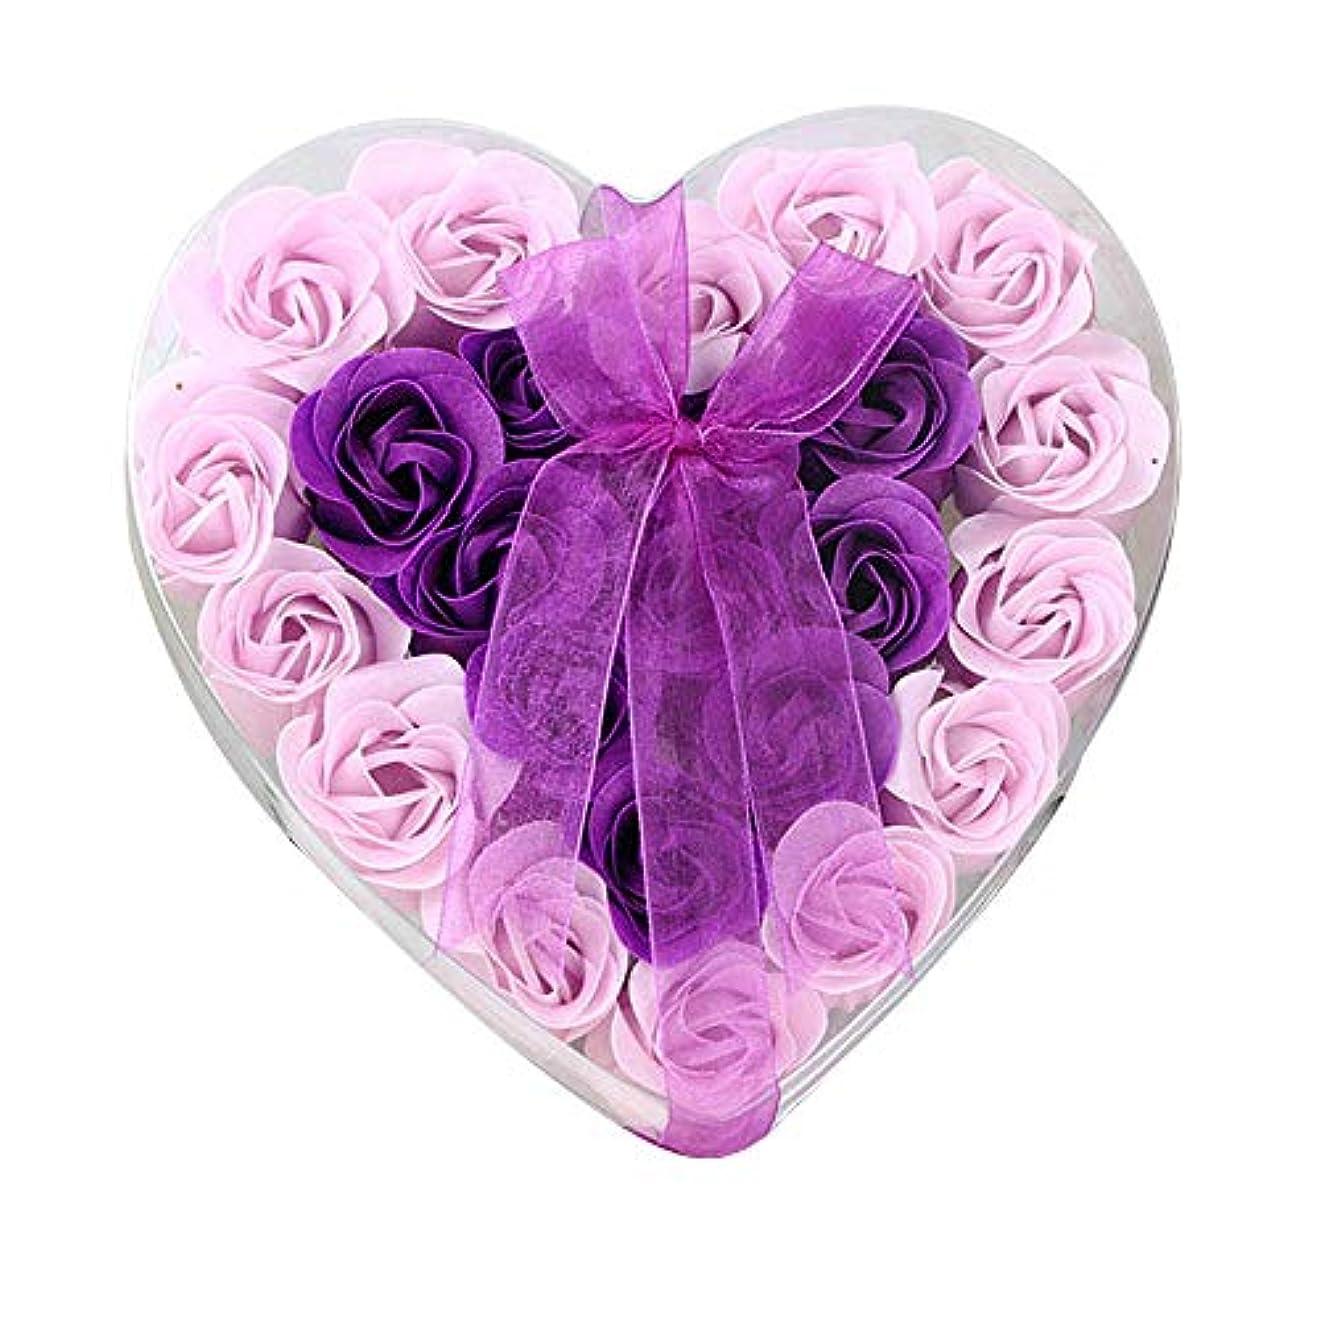 粘着性一時停止もろい24個の手作りのローズ香りのバスソープの花びら香りのバスソープは、ギフトボックスの花びらをバラ (色 : 紫の)